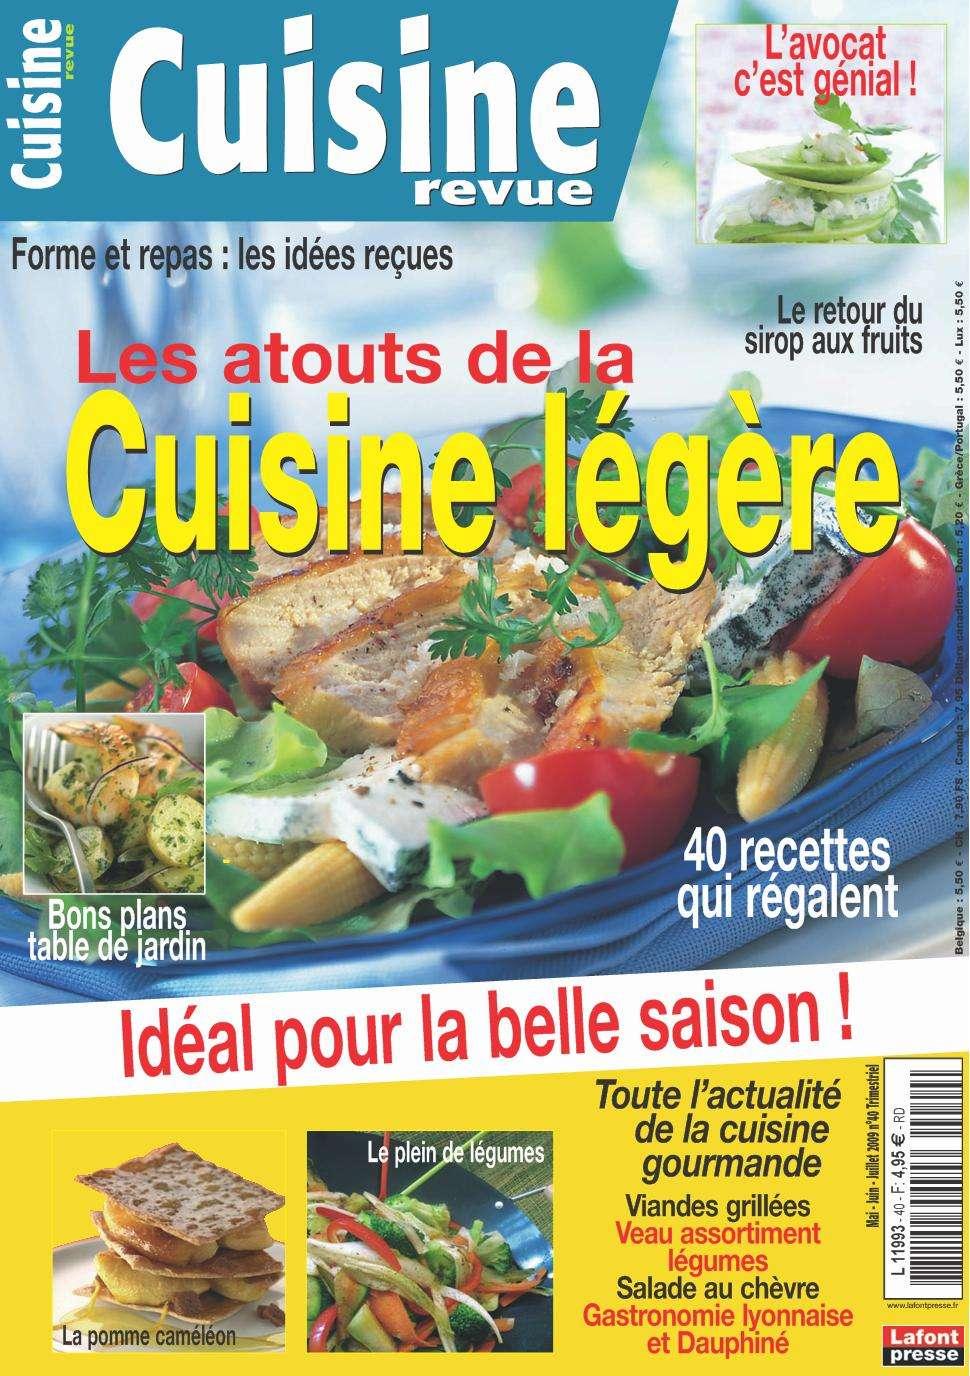 Cuisine Revue 40 - Les atouts de la cuisine légère